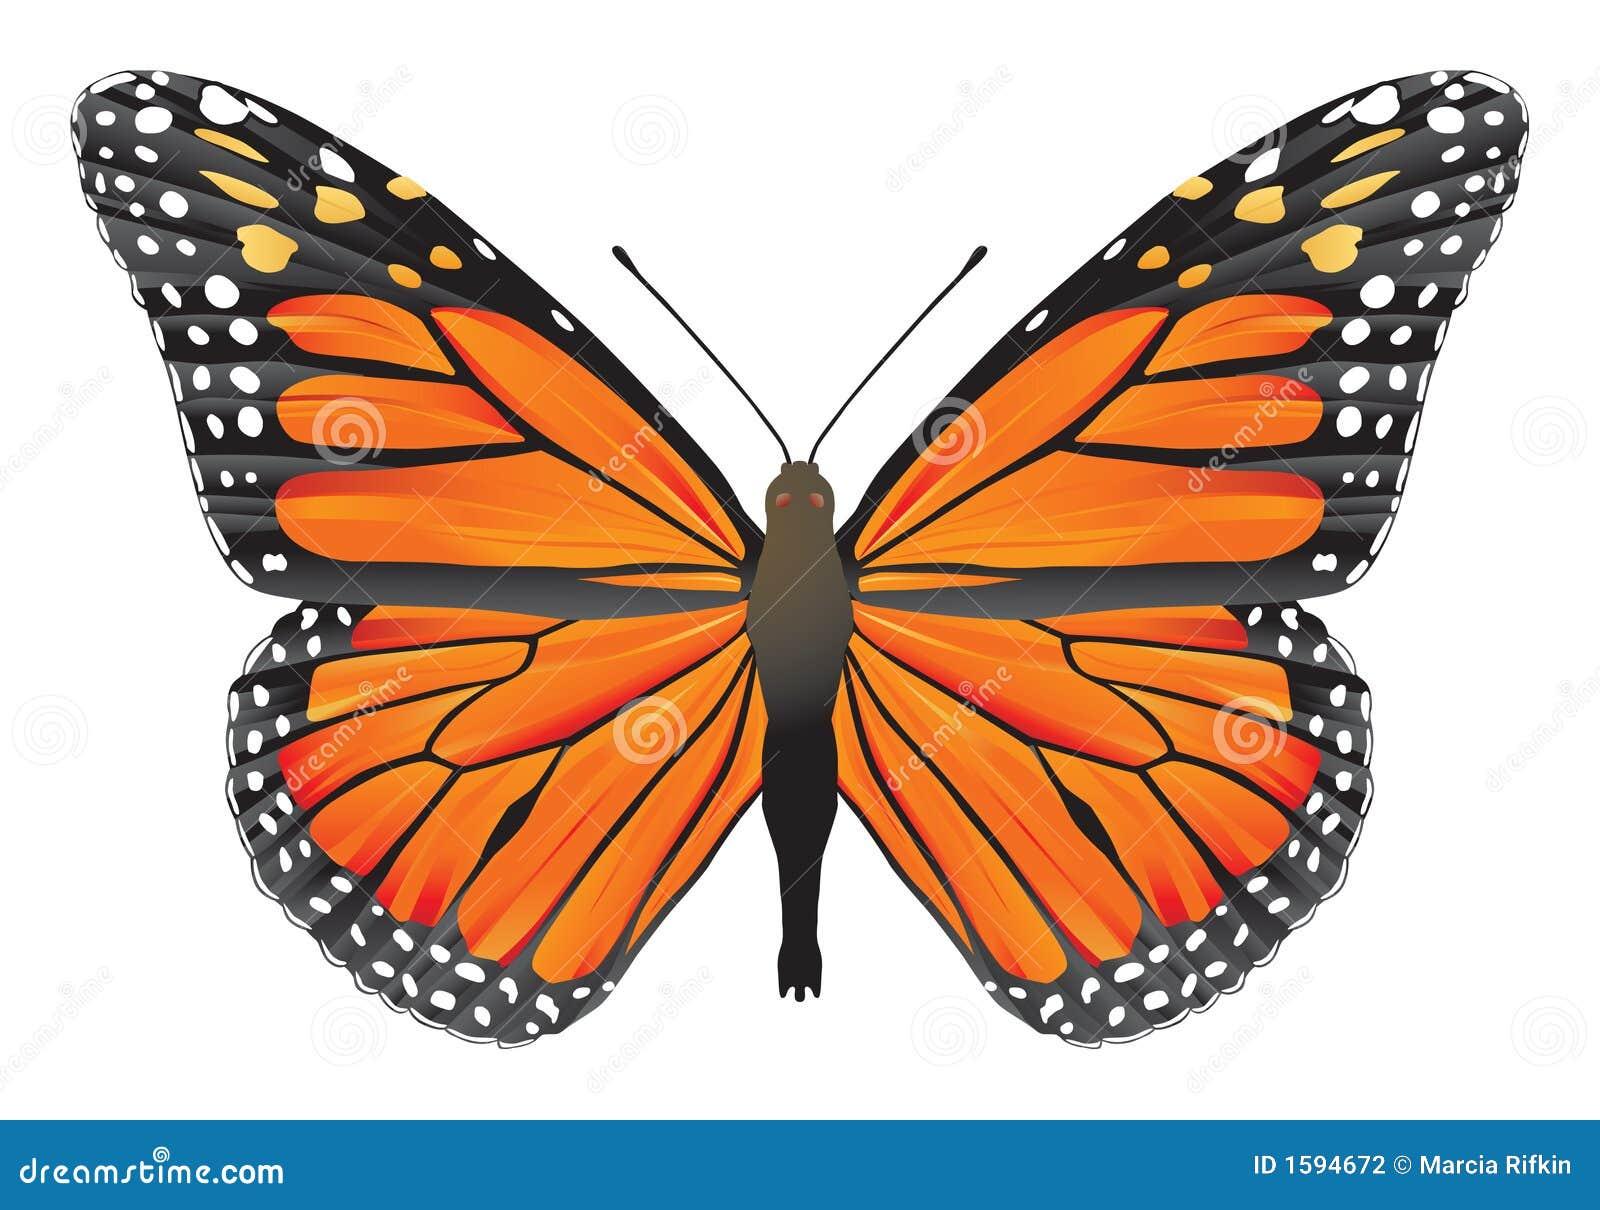 Tala ilegal de 19 hectáreas en la reserva de la mariposa monarca